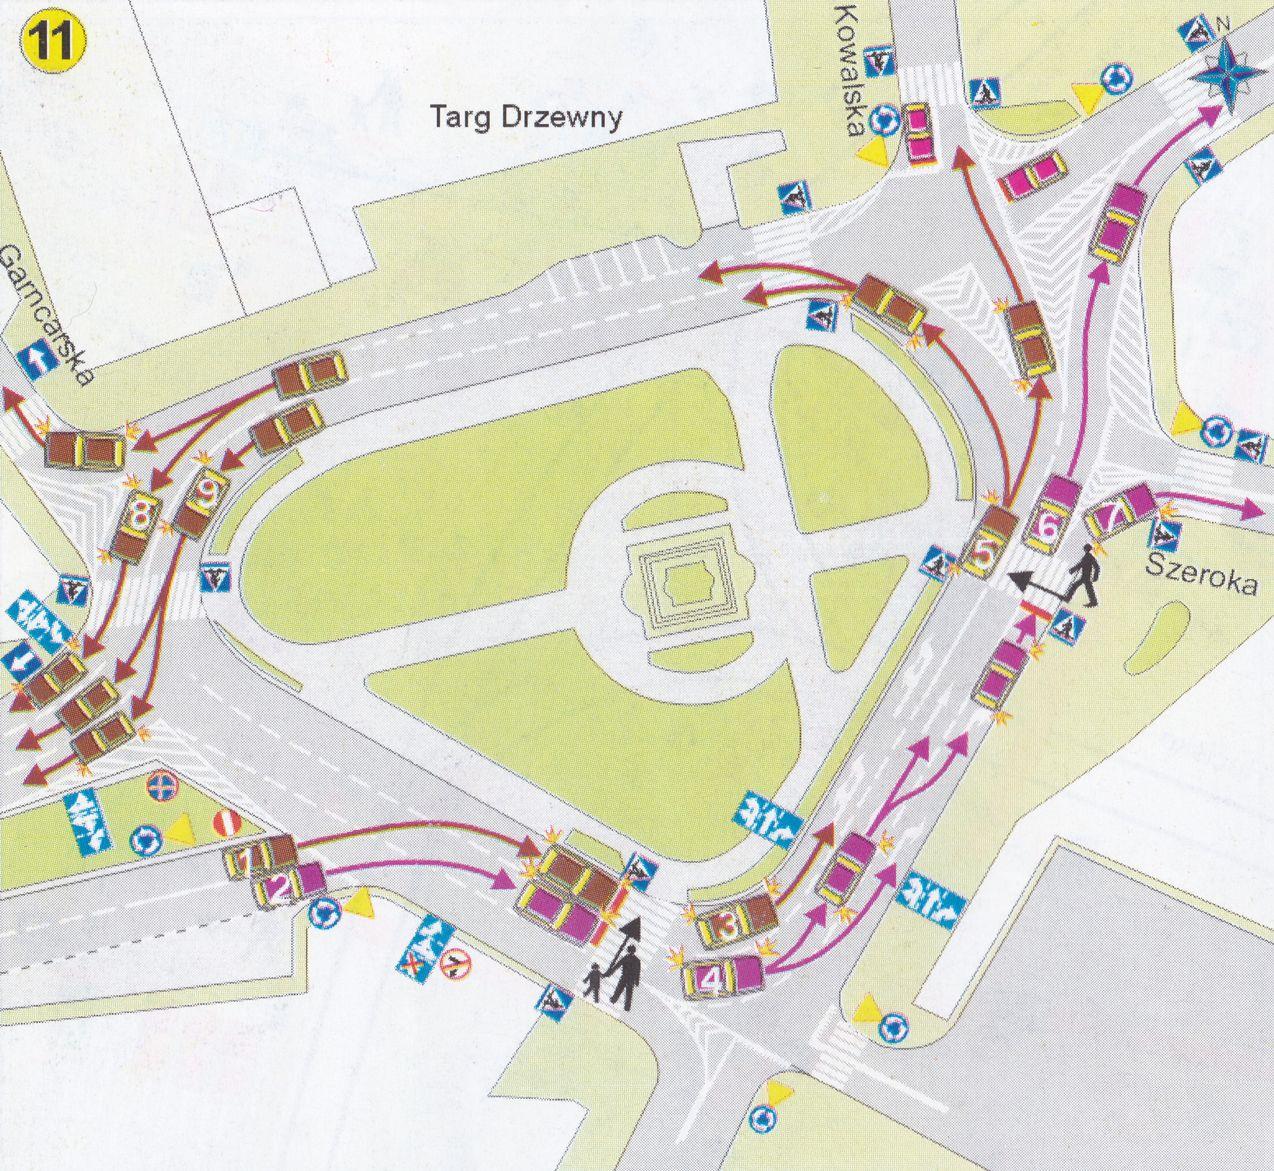 trasa-egzamin-prawo-jazdy-gdansk11